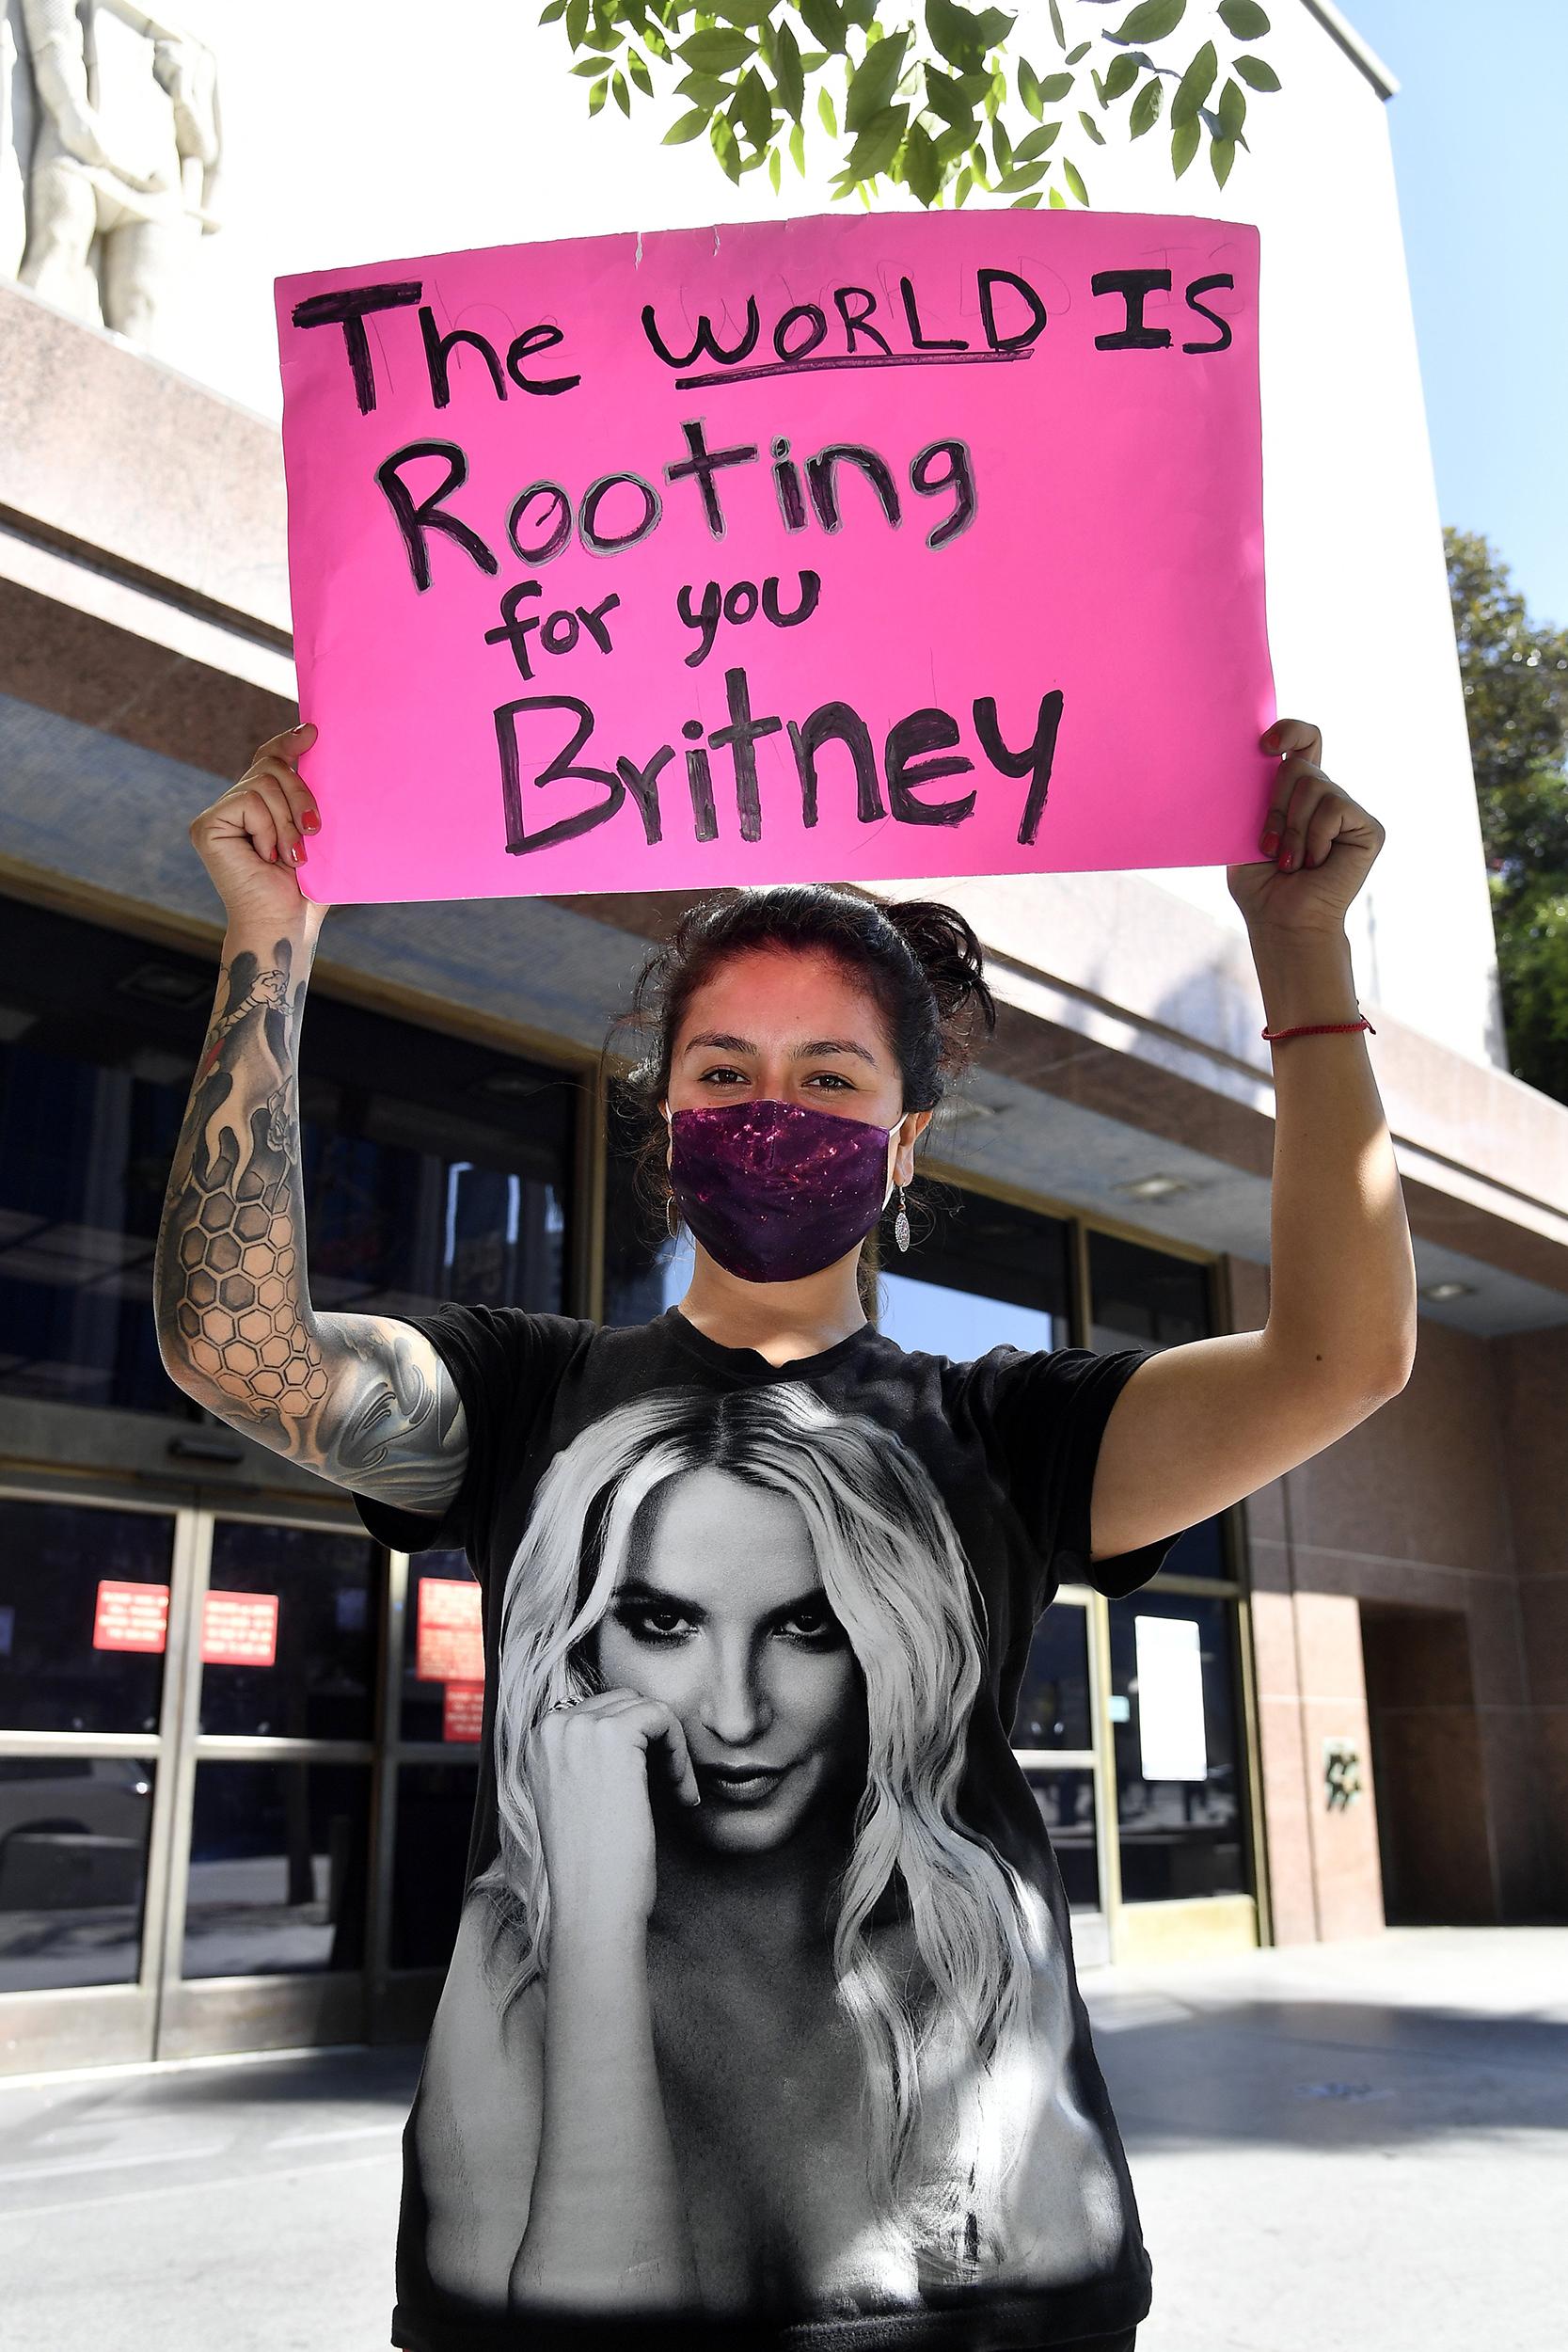 La batalla legal continúa: Britney Spears vuelve a solicitar que su padre sea removido como su tutor legal